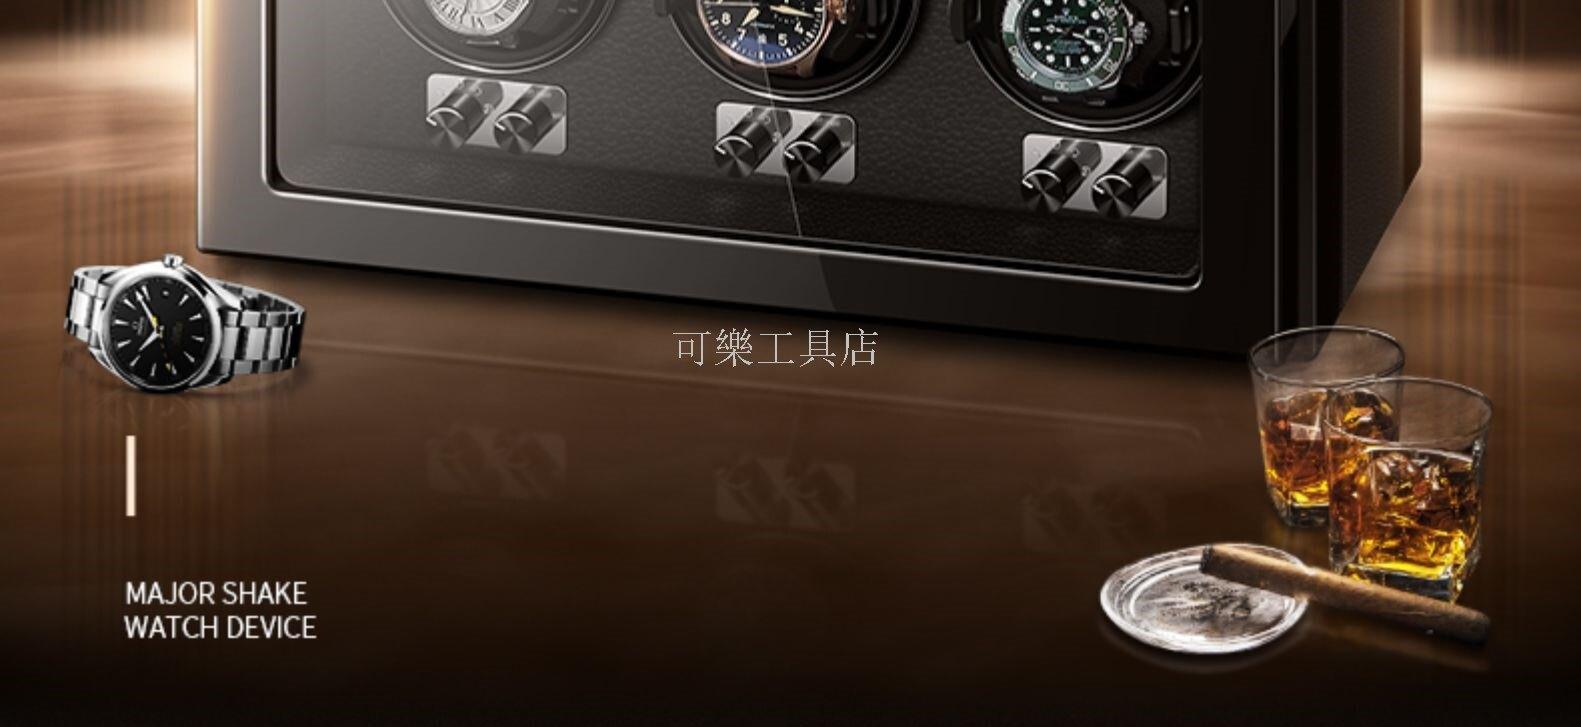 【免運】自動上鍊盒 轉錶盒 搖錶器 靜音上鍊盒 全自動搖錶器 機械錶 靜風尚搖表器機械表自動手表盒搖擺器晃表器轉表器轉動放置器家